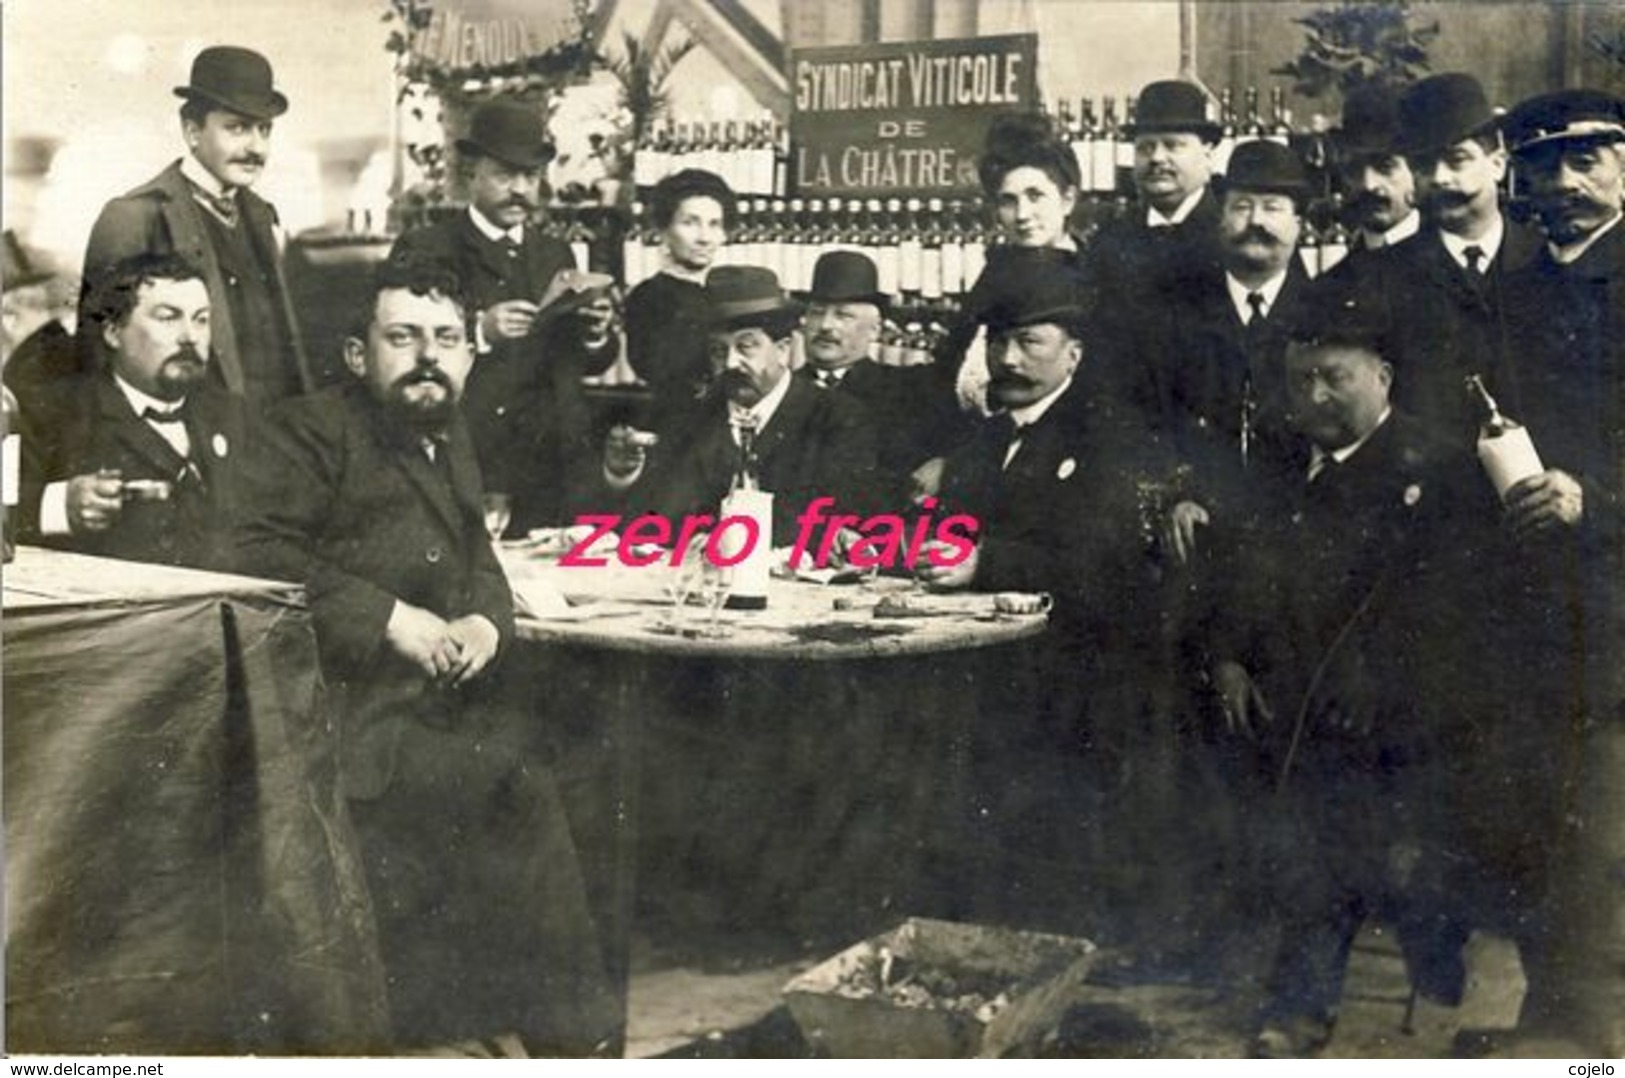 36 - La Châtre - Syndicat Viticole De La Châtre - La Chatre